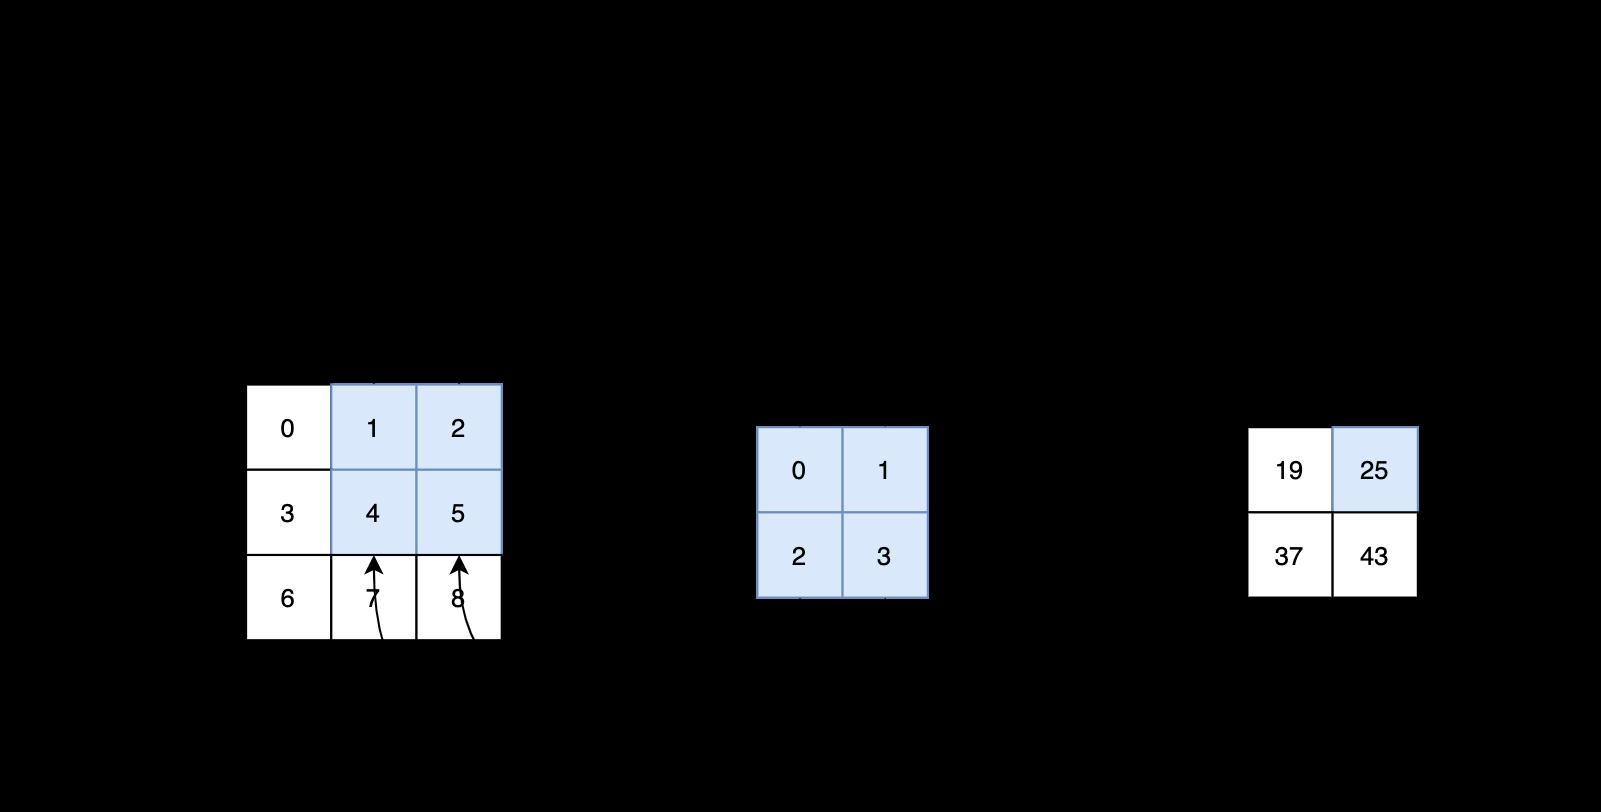 图2 互相关运算输出第二个元素计算过程